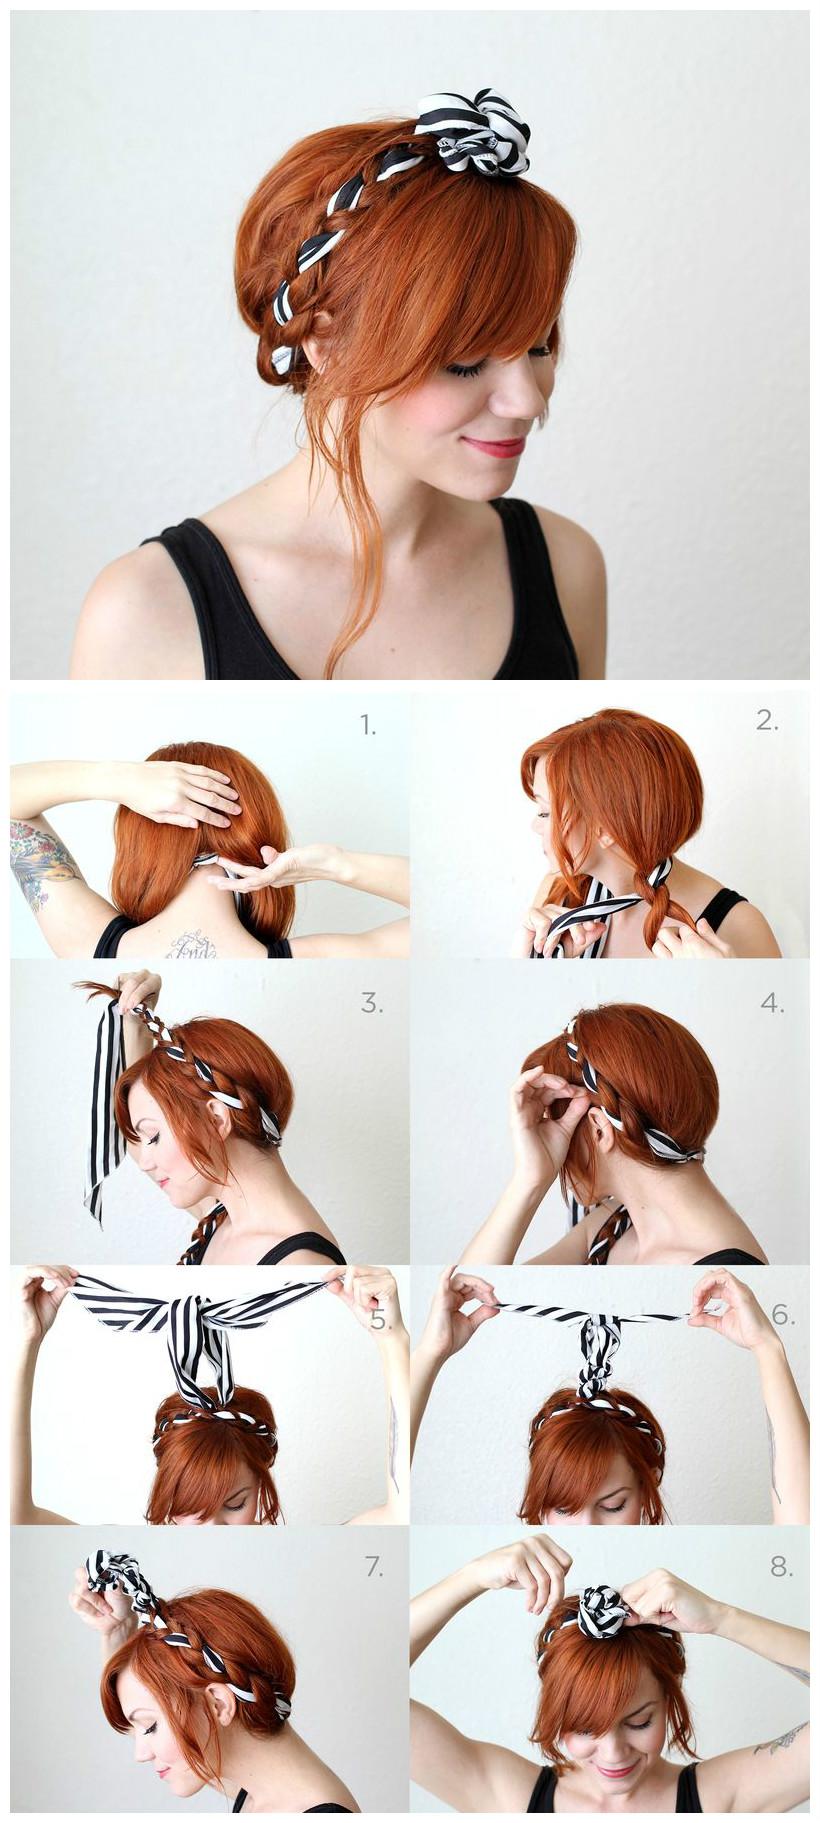 Вязание спицами для детей. Шапочка с рельефным узором Схема описания вязания шапки совы на спицах